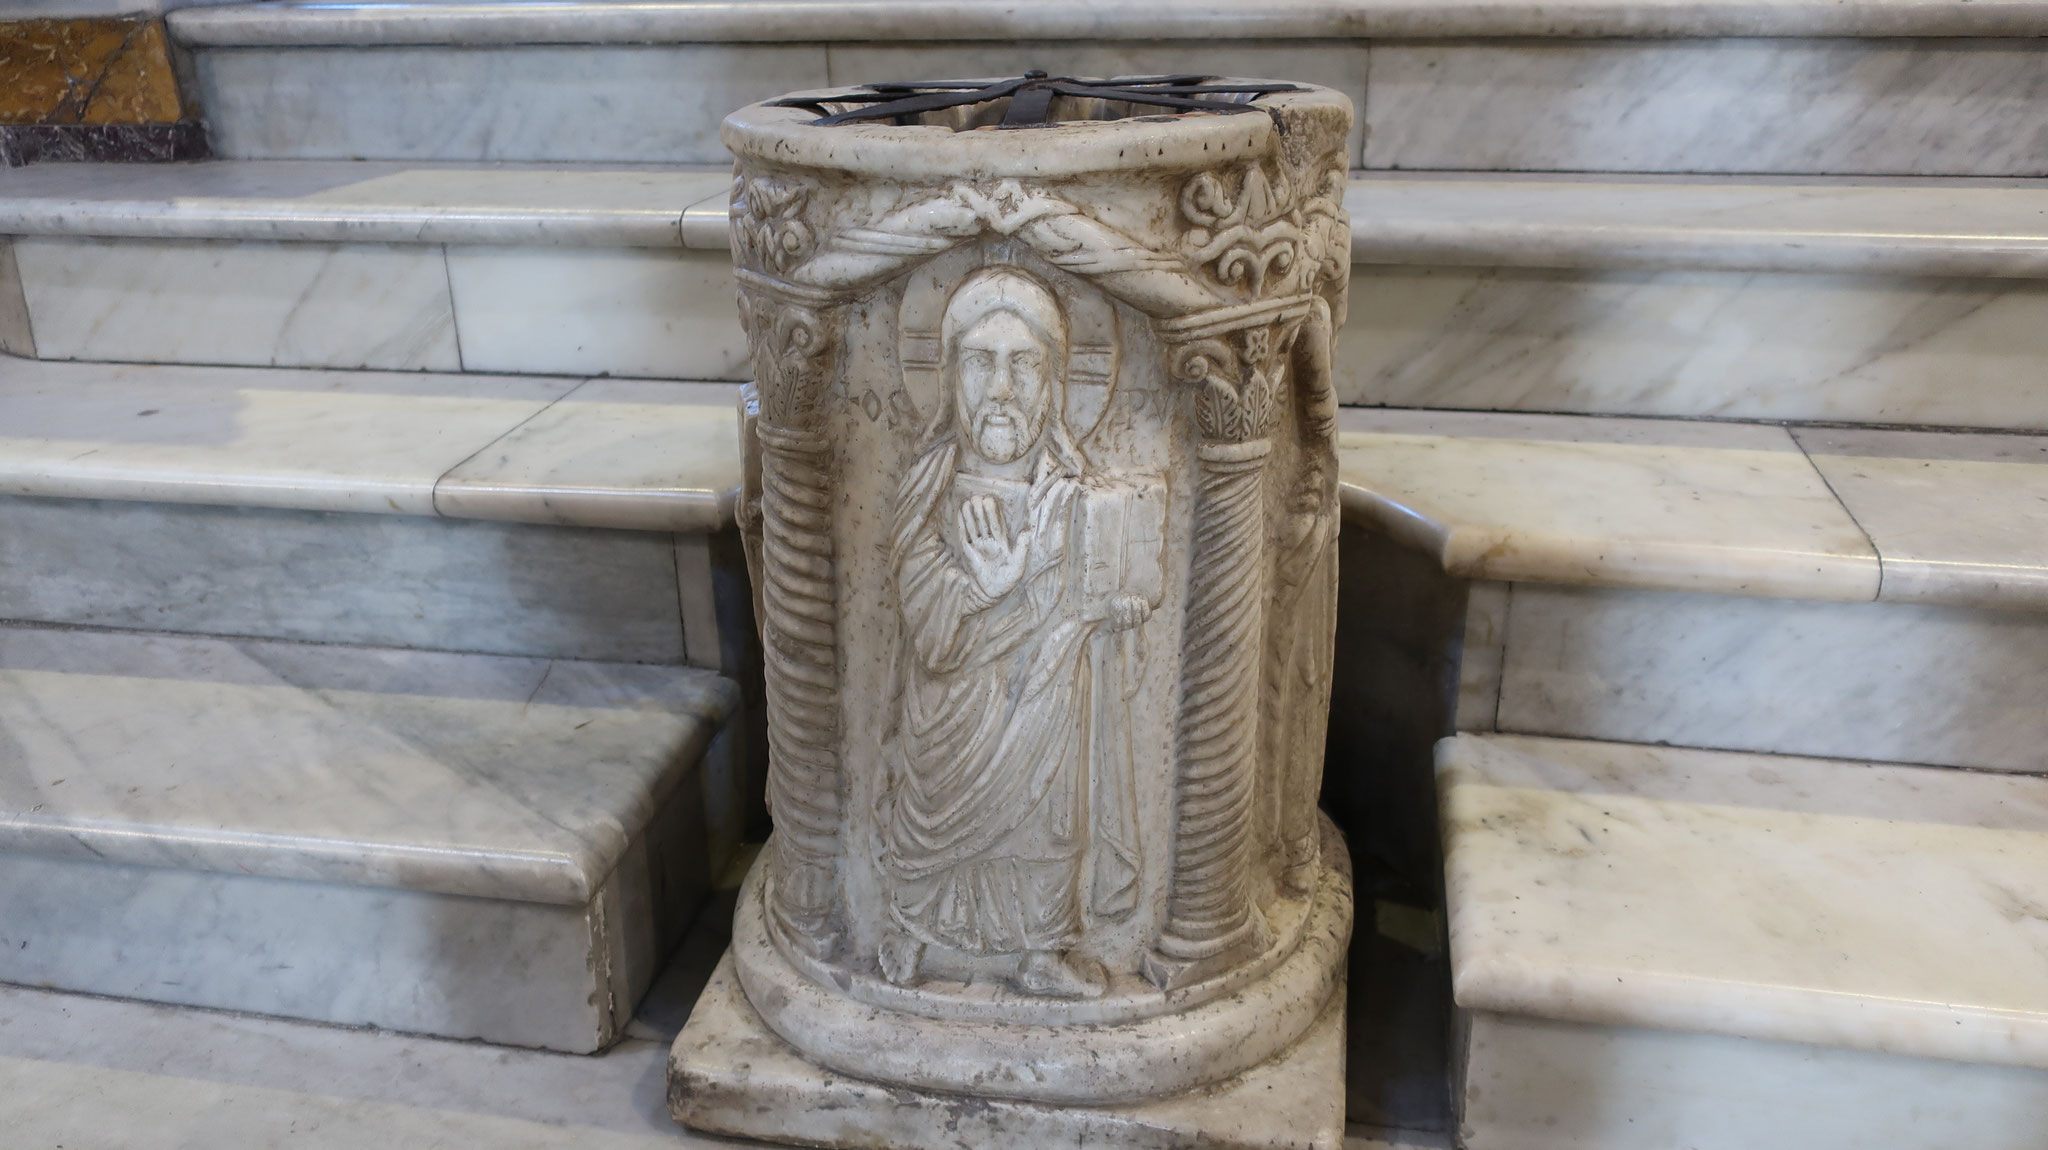 アスクレピオス神殿当時のまま、治療の原点である体を清めるための聖なる水を汲み上げた井戸が残っています。12世紀の彫刻で飾られています。